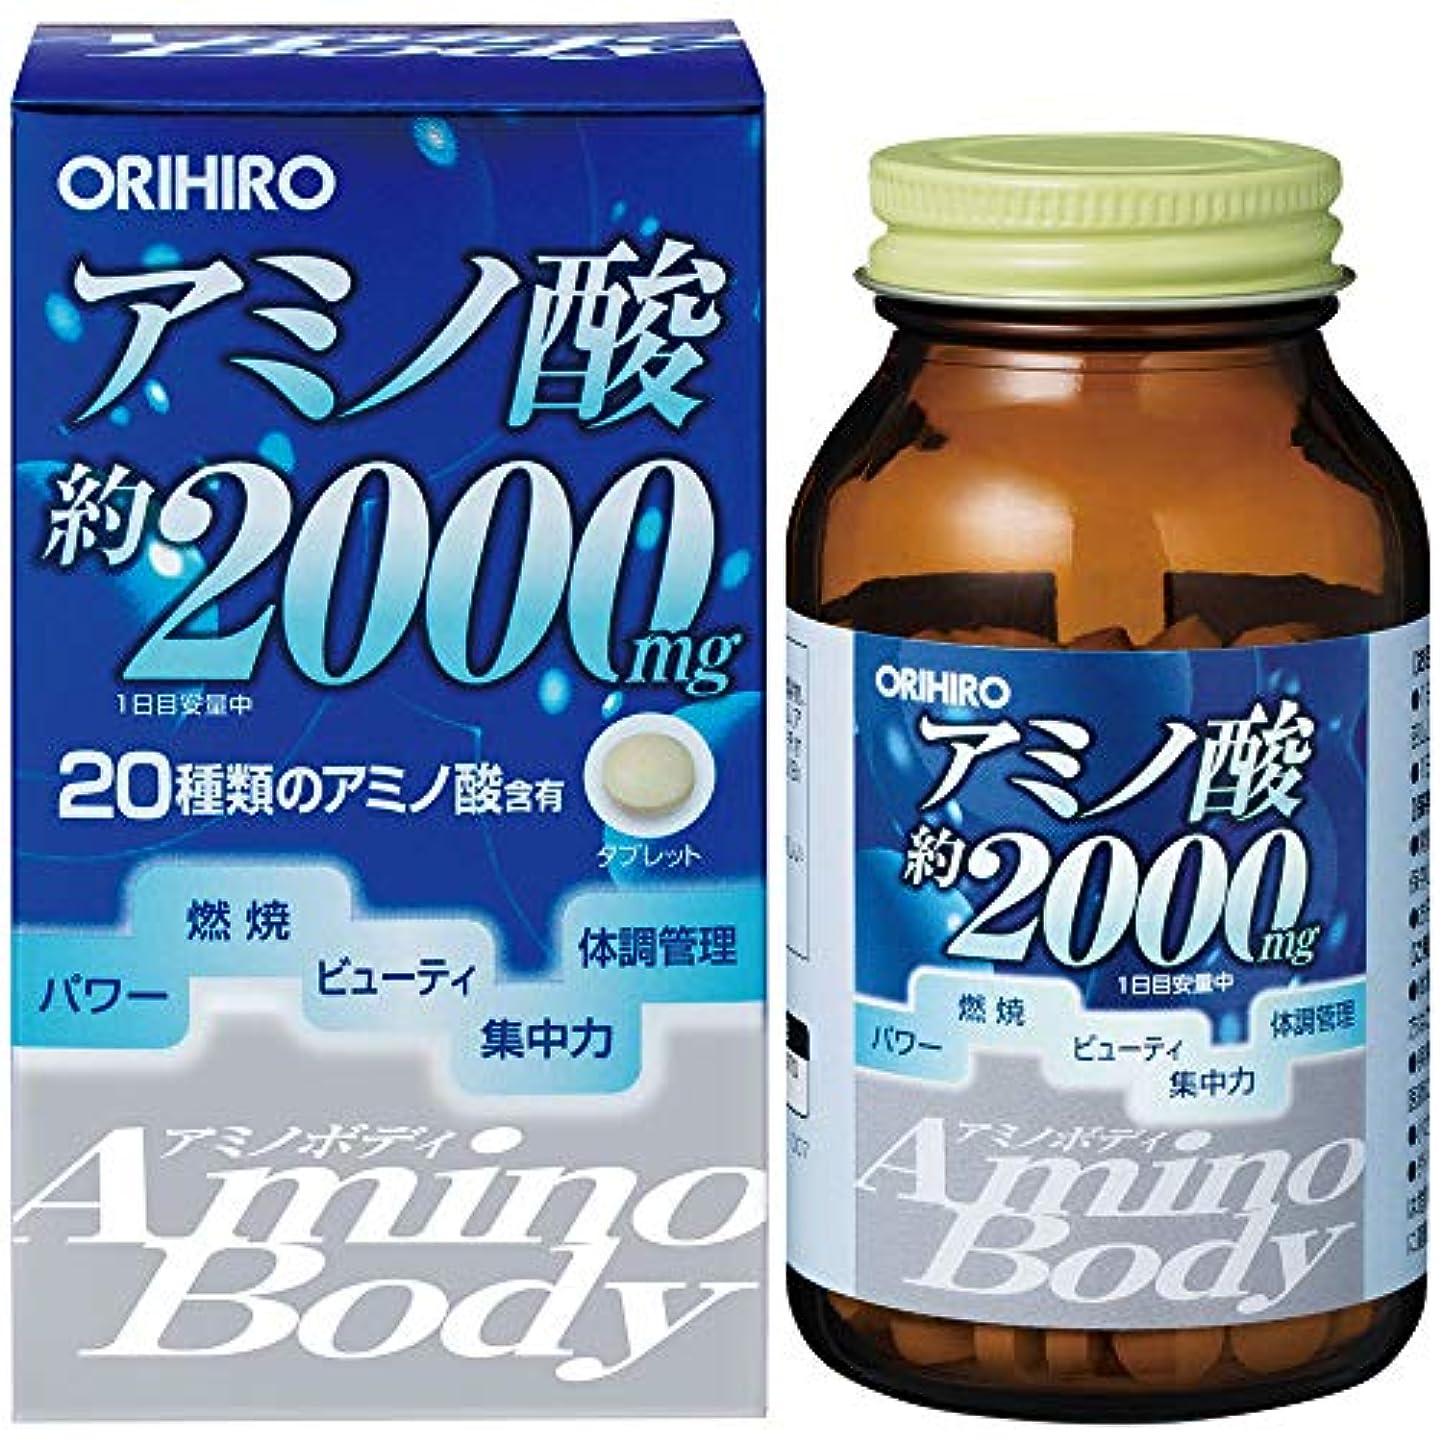 可愛い銀河慣性オリヒロ Amino Body アミノボディ(大豆ペプチド)